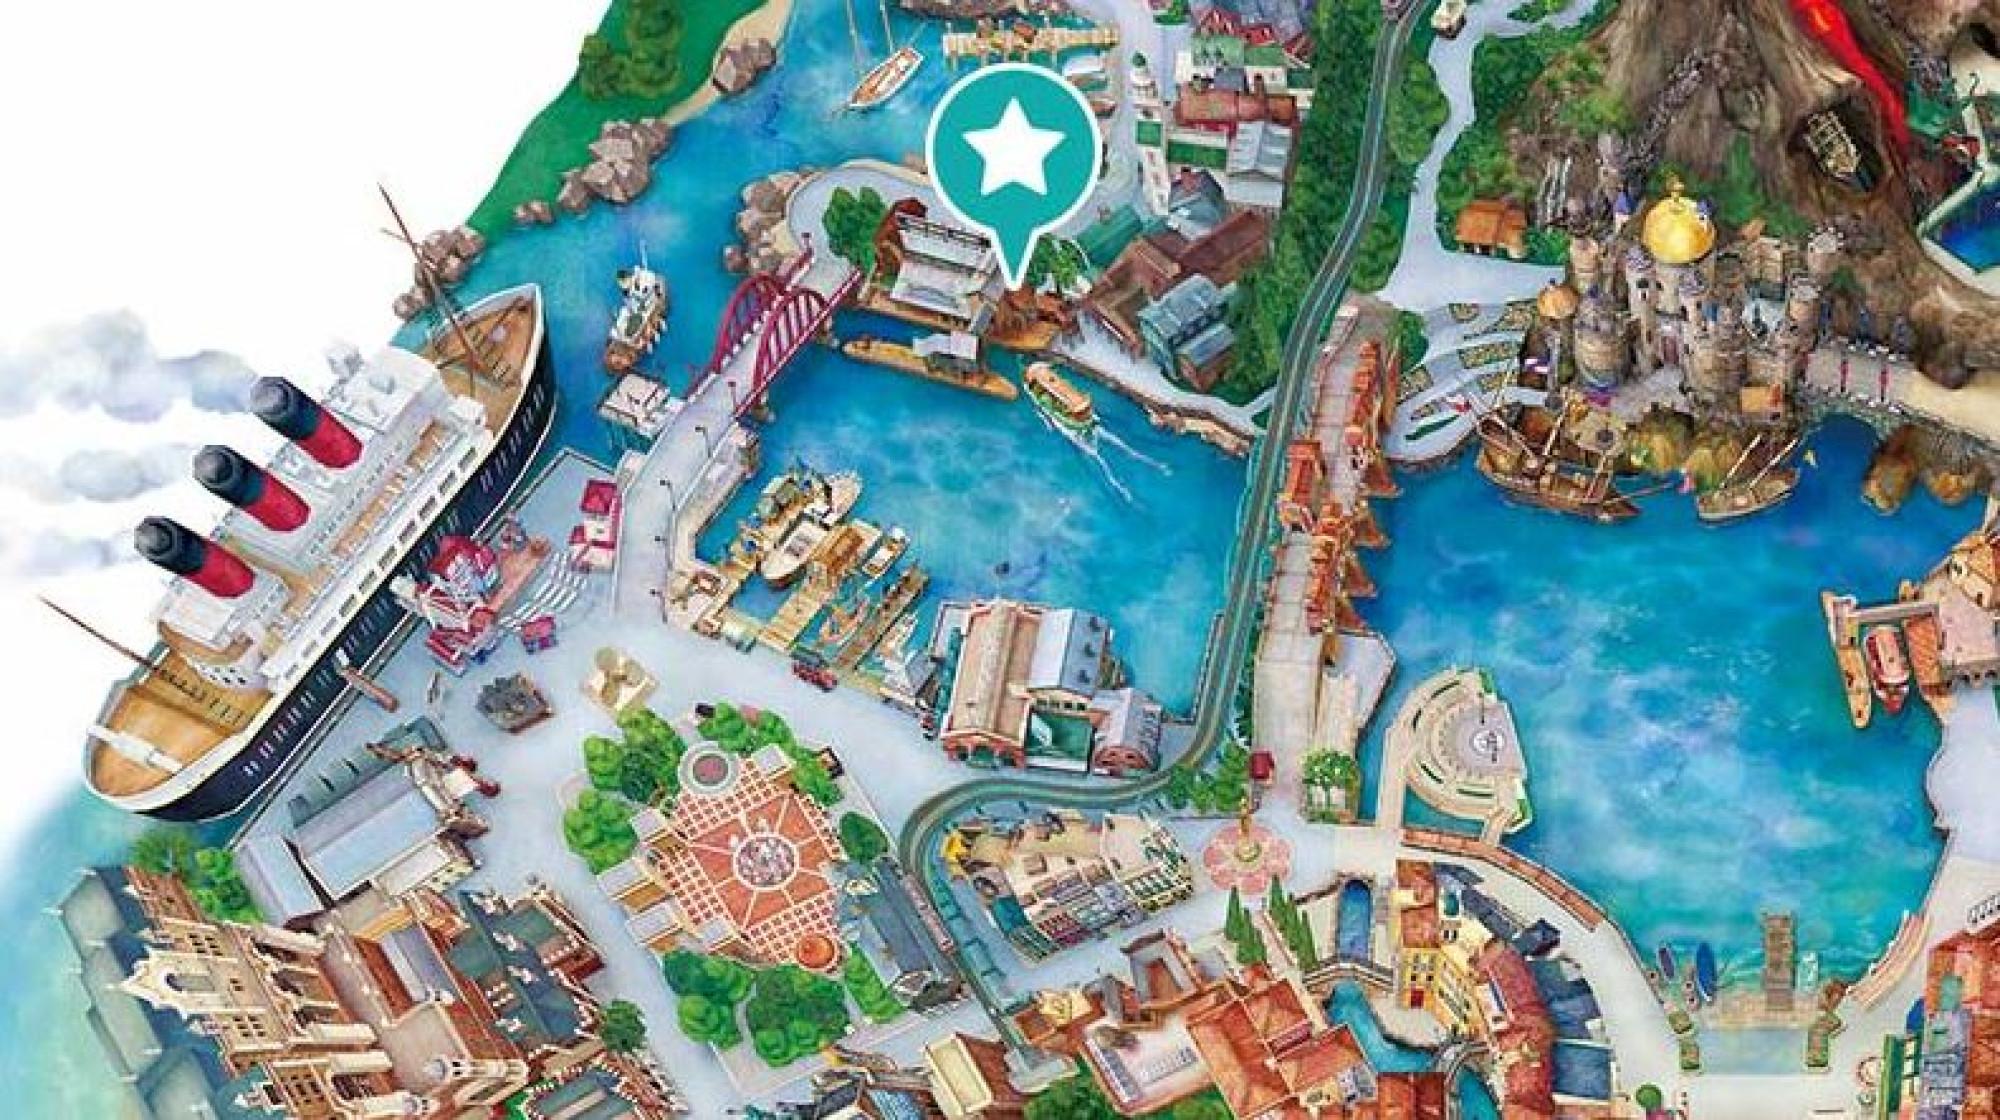 「ヴィレッジ・グリーティングプレイス」の地図